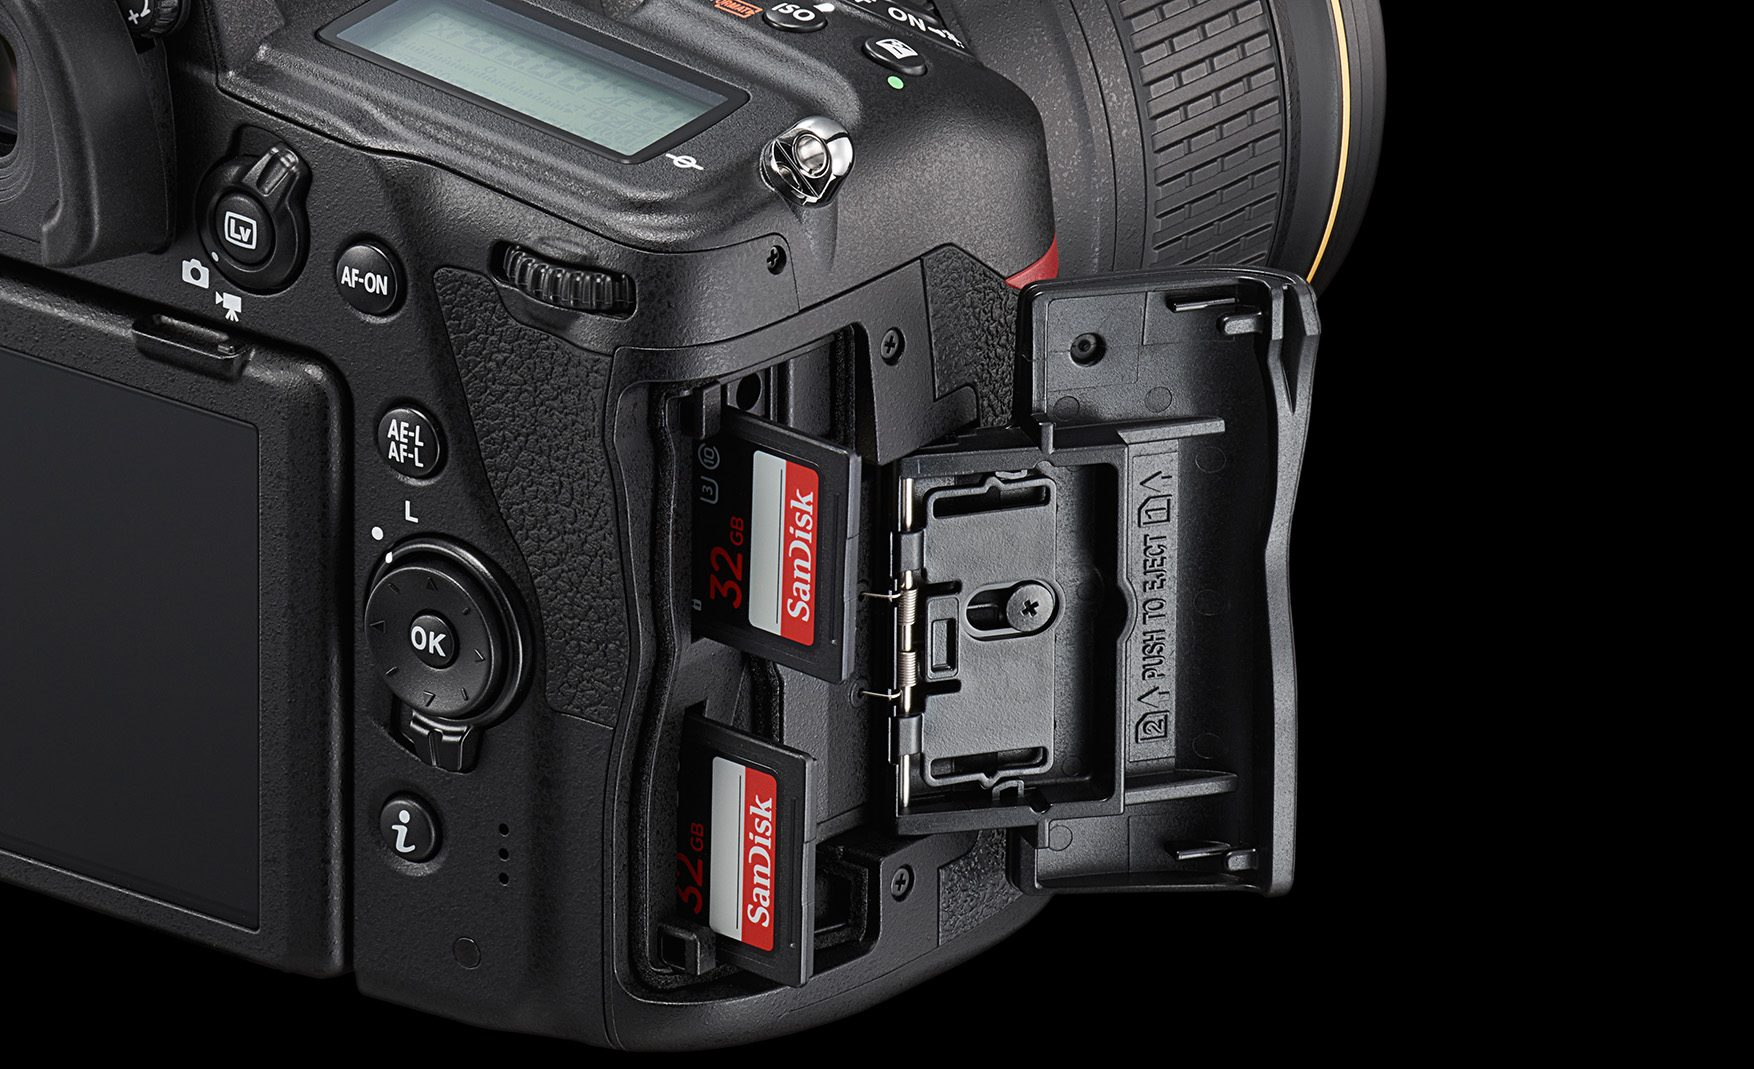 Nikon D780 UHS-II